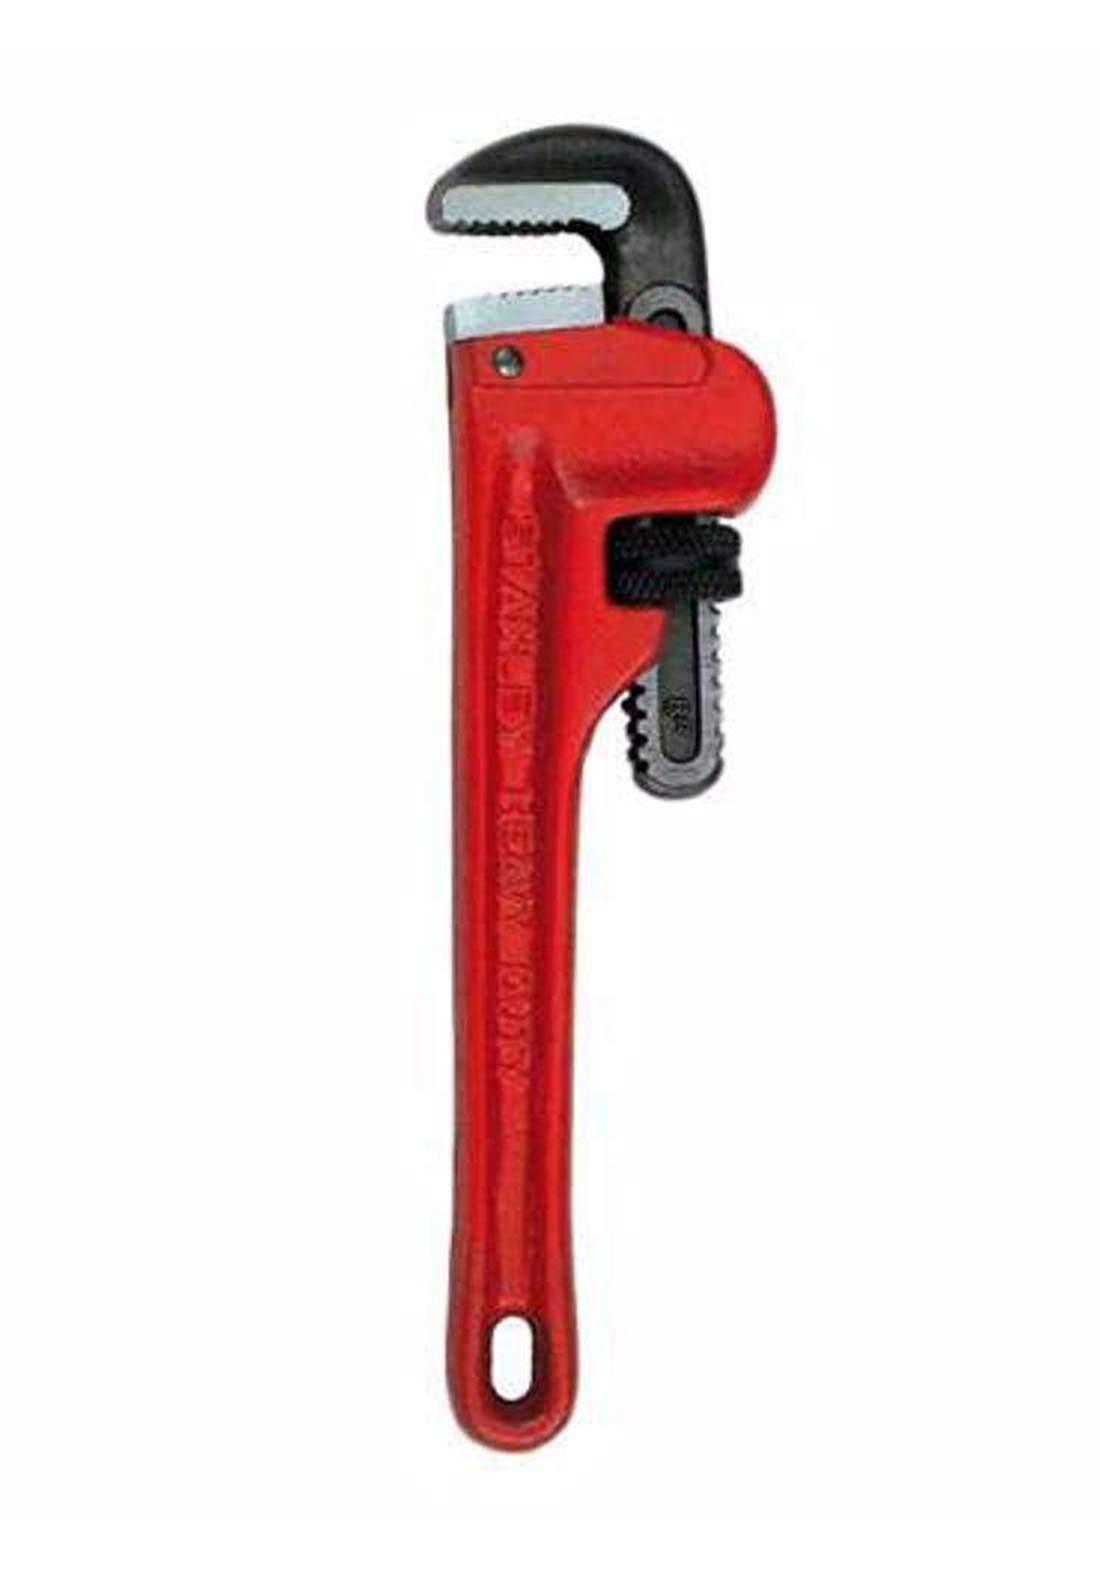 Stanley 87-627 Pipe Wrench 900mm سكول سبانة